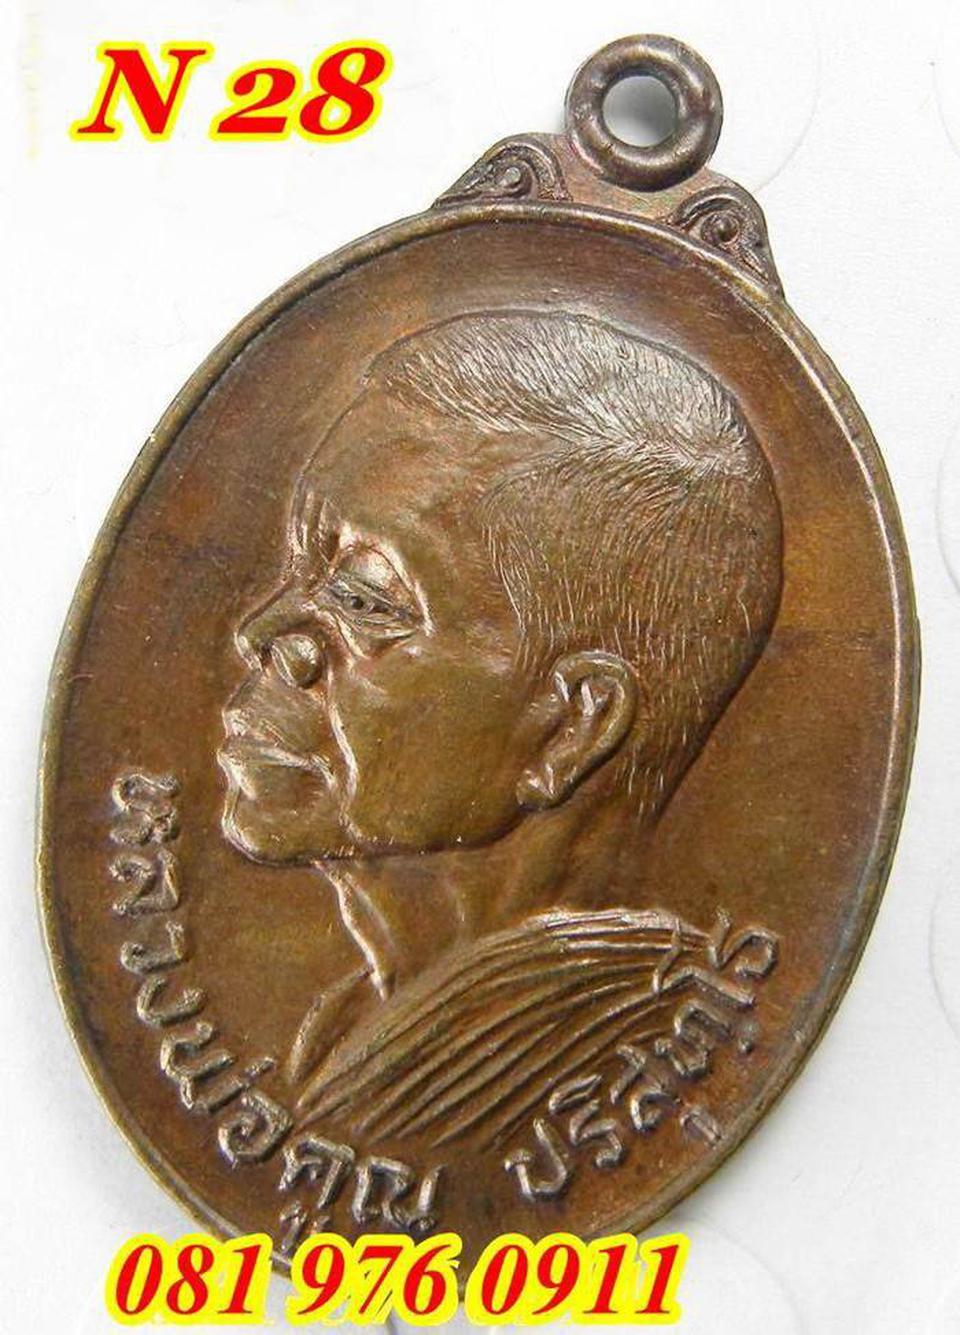 N 28. เหรียญหันข้างรุ่นแรก หลวงพ่อคูณ พระมงคลมิ่งเมือง เนื้อ รูปที่ 3